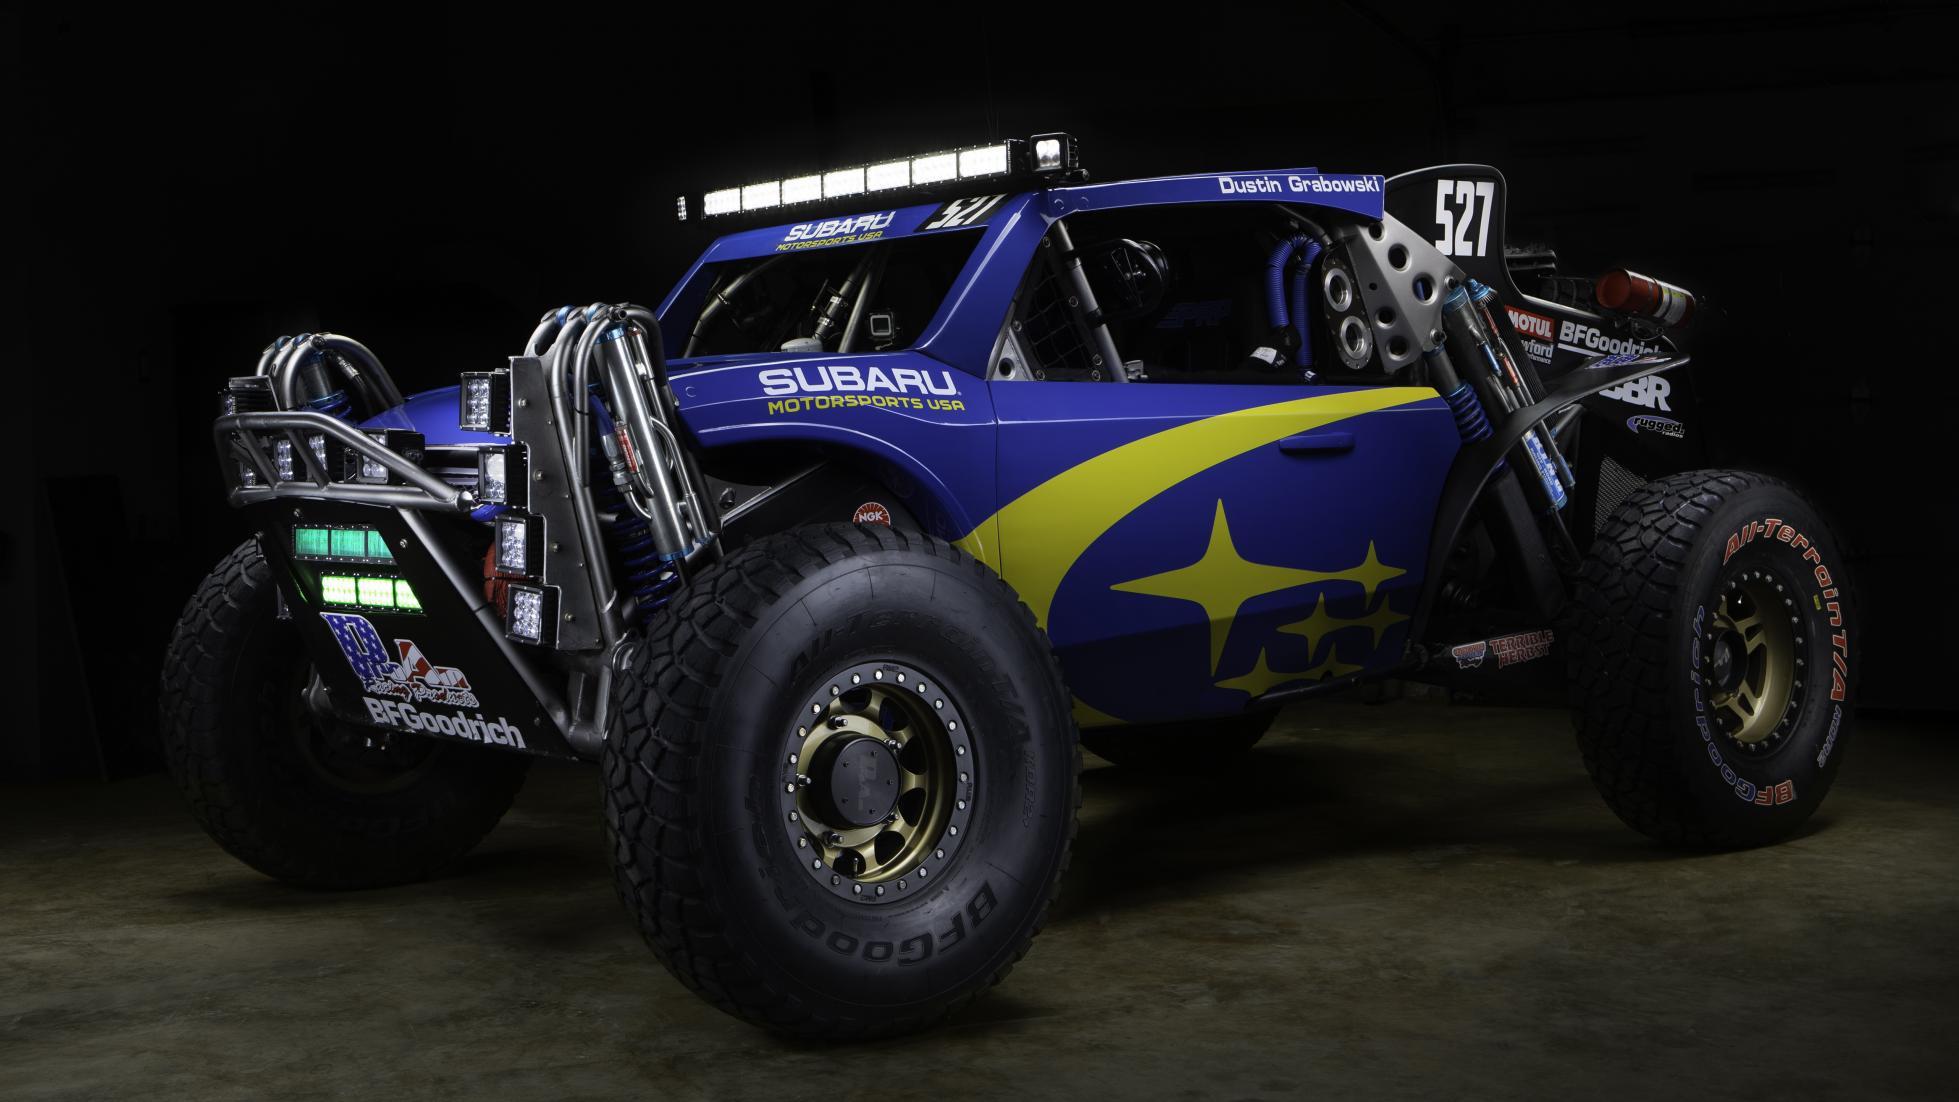 Crosstrek_Desert_Racer_1